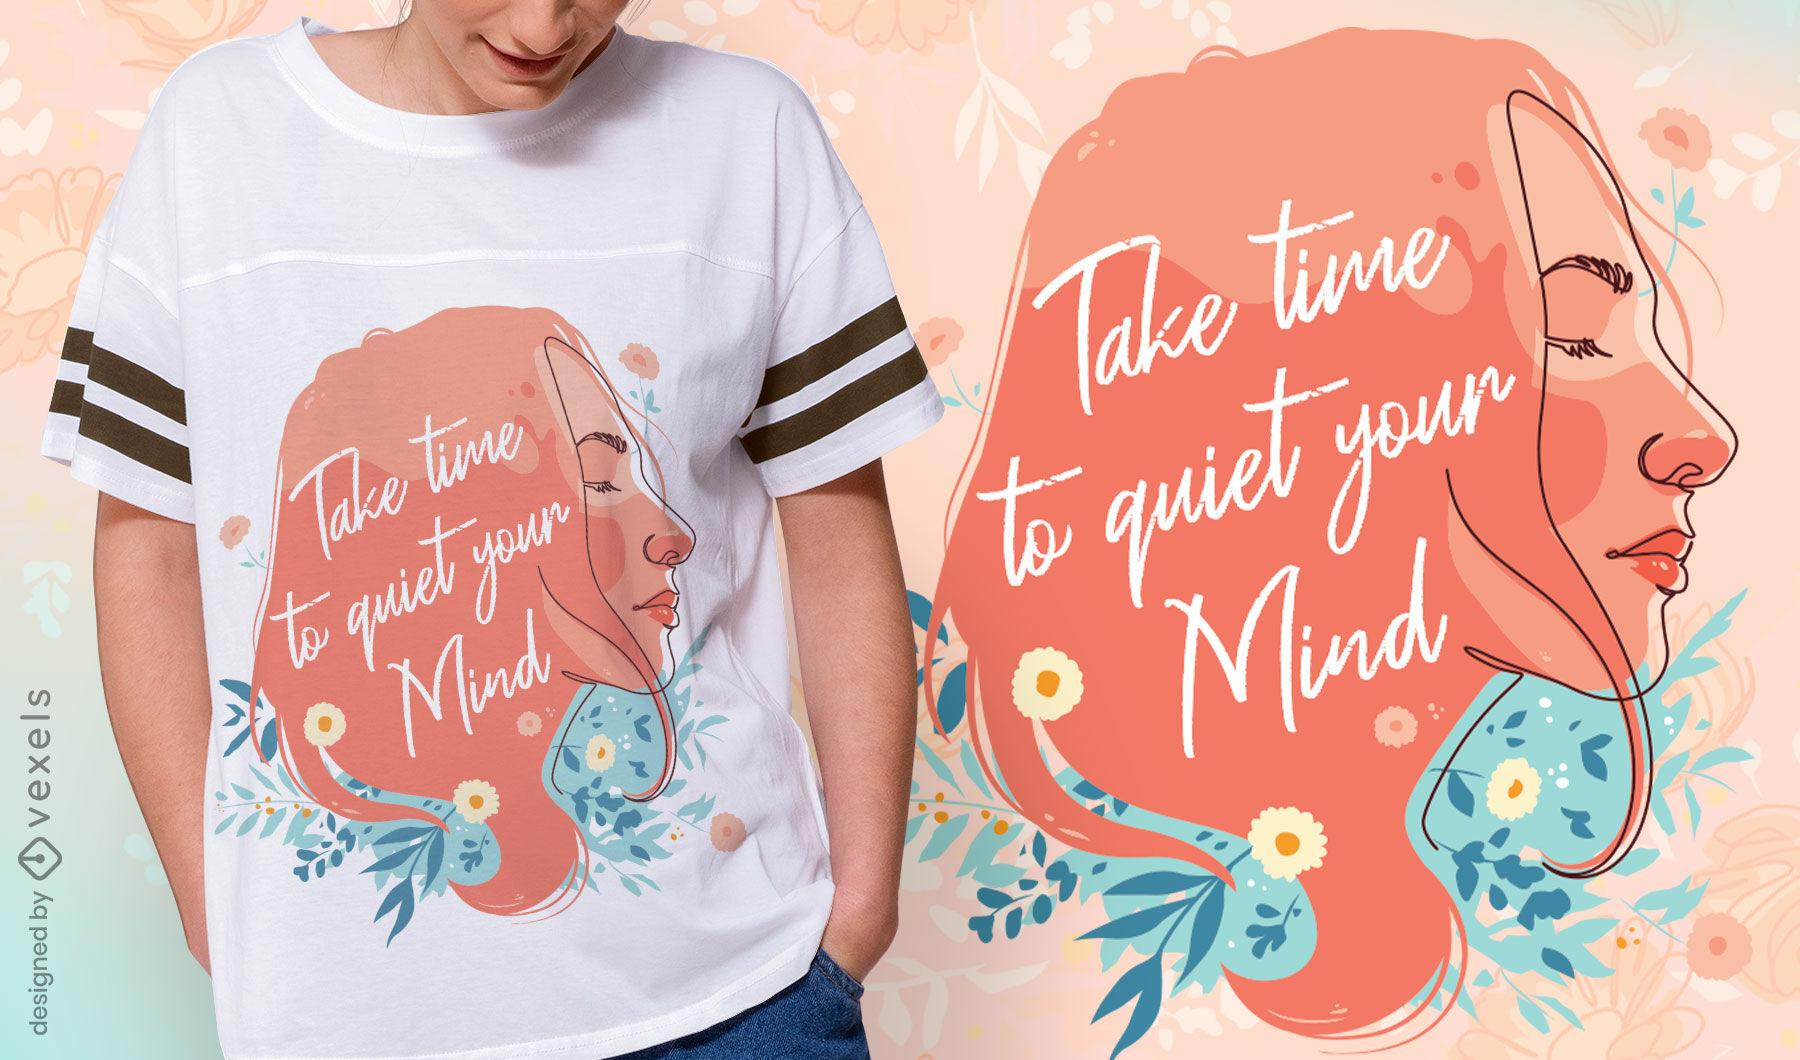 Dise?o de camiseta de chica de mente tranquila